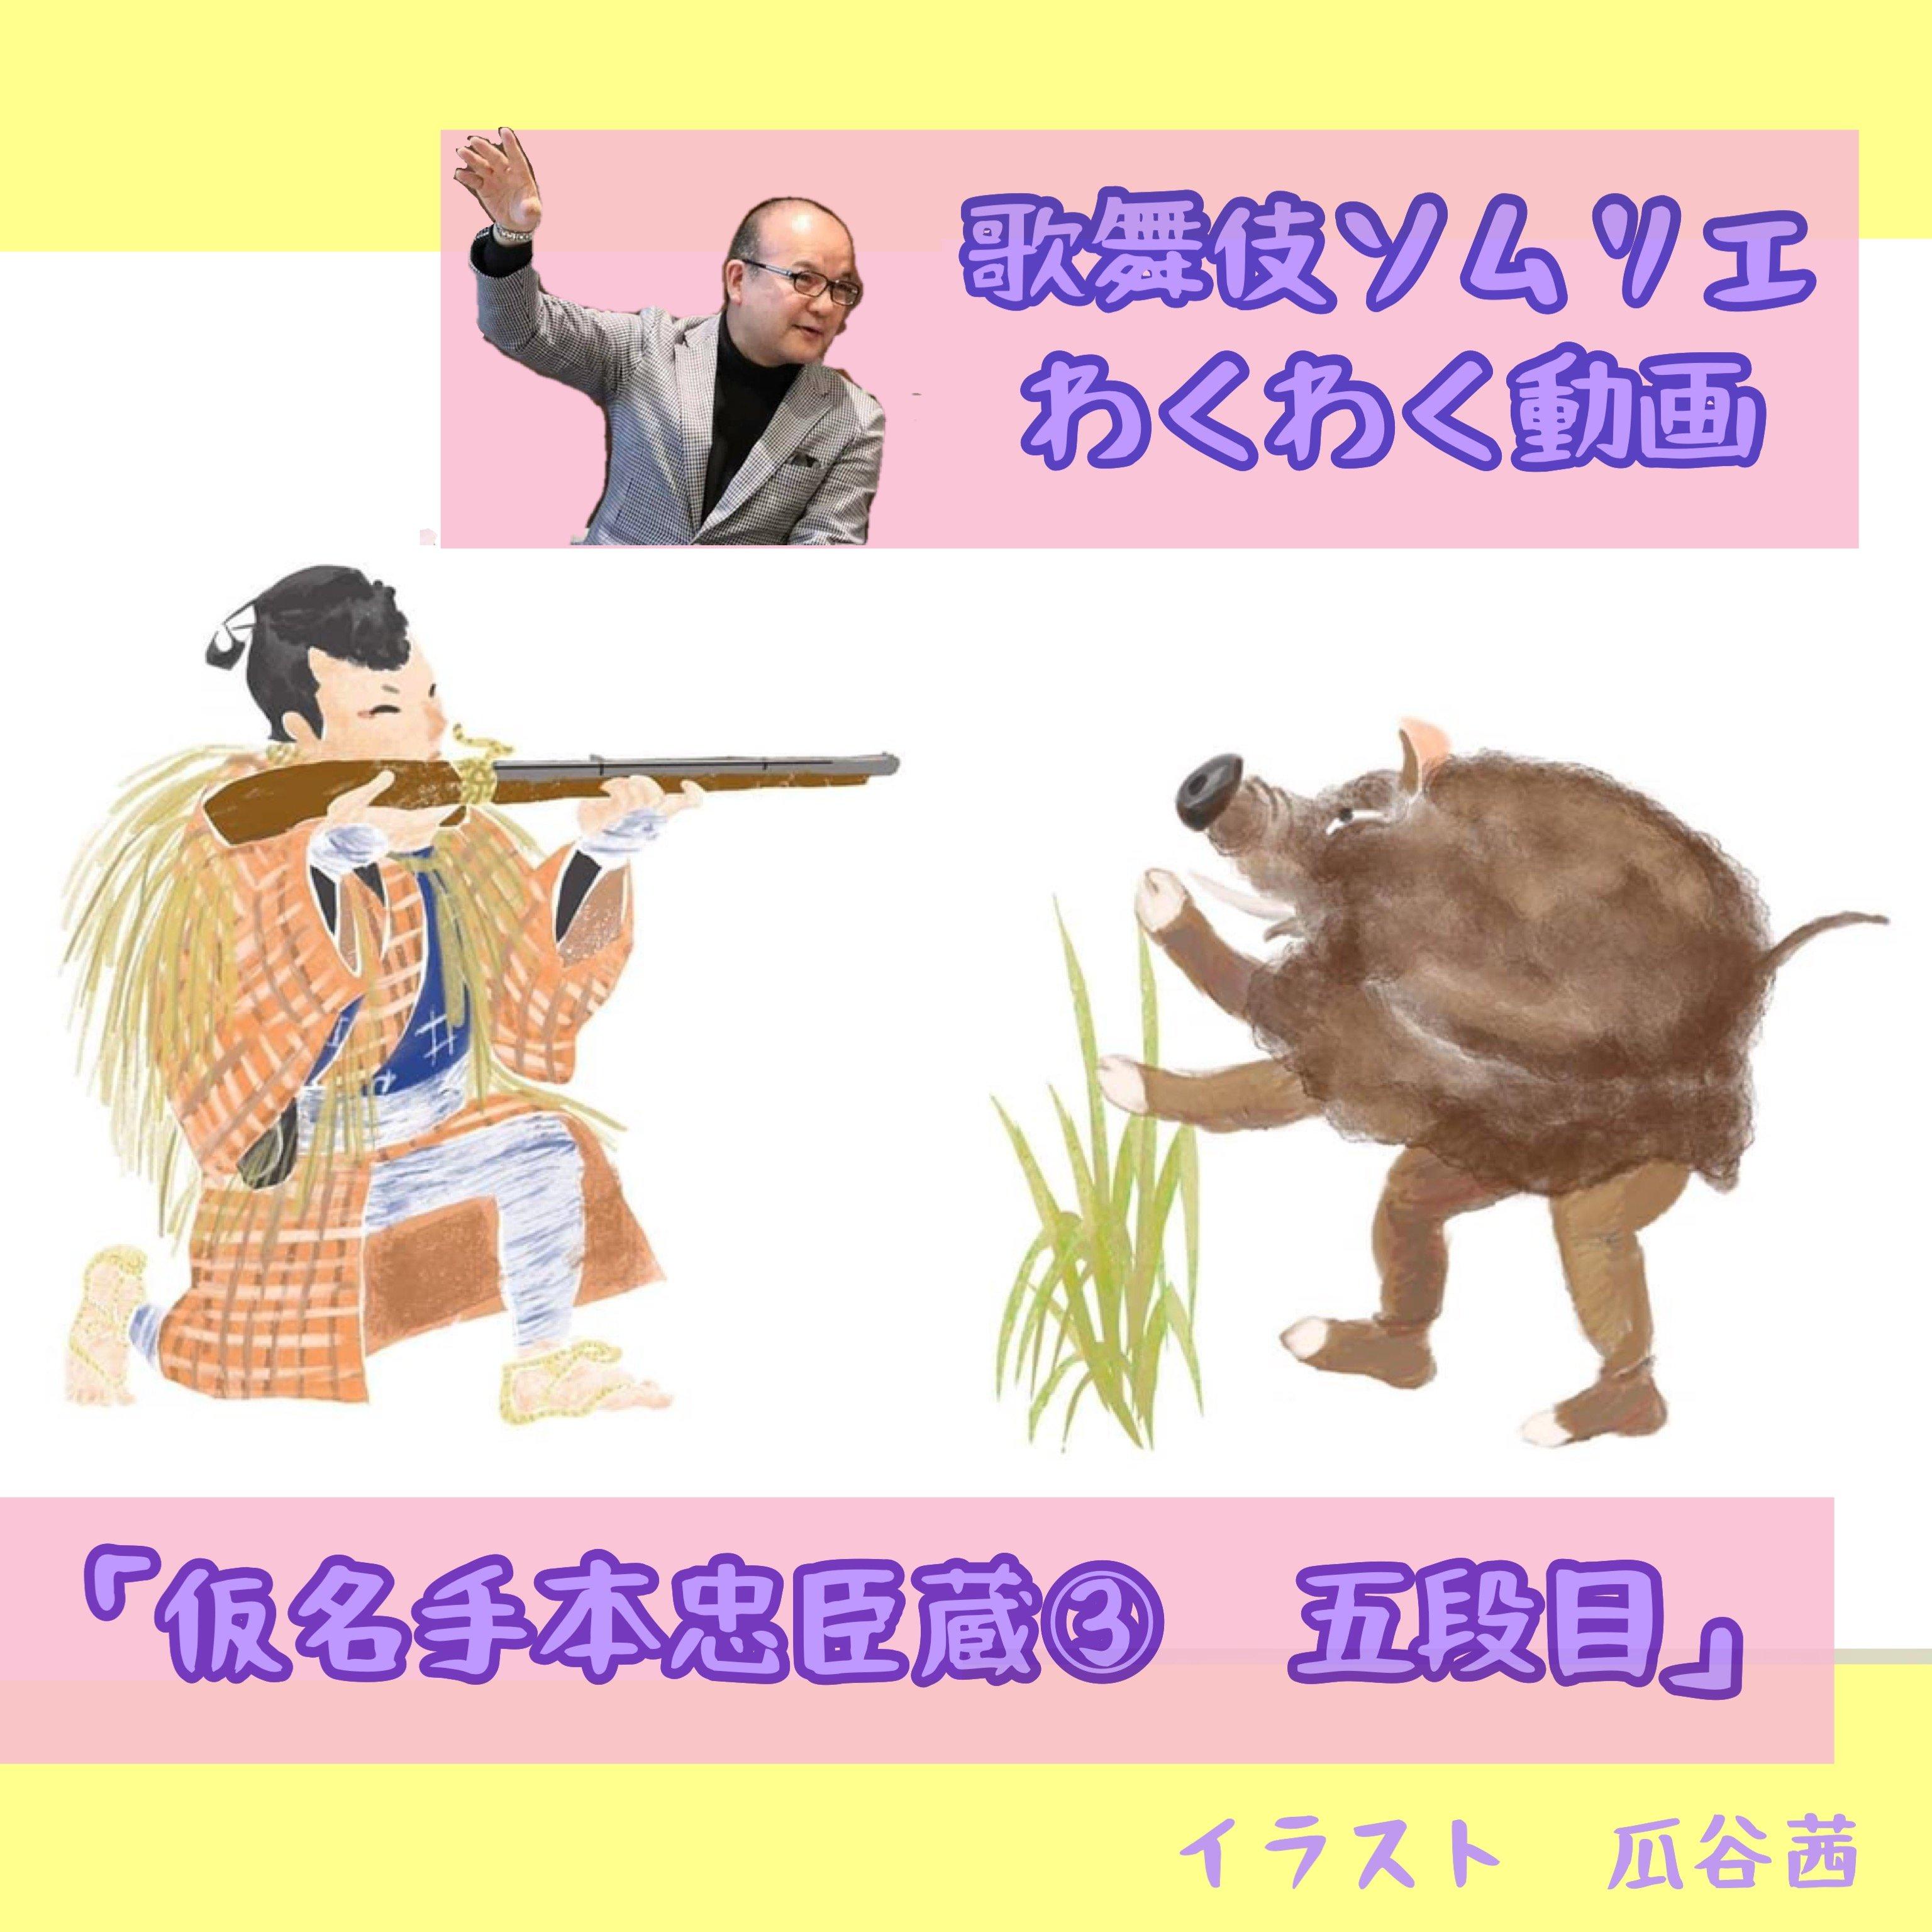 おくだ健太郎・歌舞伎ソムリエが、わかりやすく楽しく、歌舞伎の名作を解説トーク!歌舞伎ソムリエわくわく動画「仮名手本忠臣蔵③ 五段目」〜かなでほんちゅうしんぐら③ごだんめ〜約55分の動画です。のイメージその1